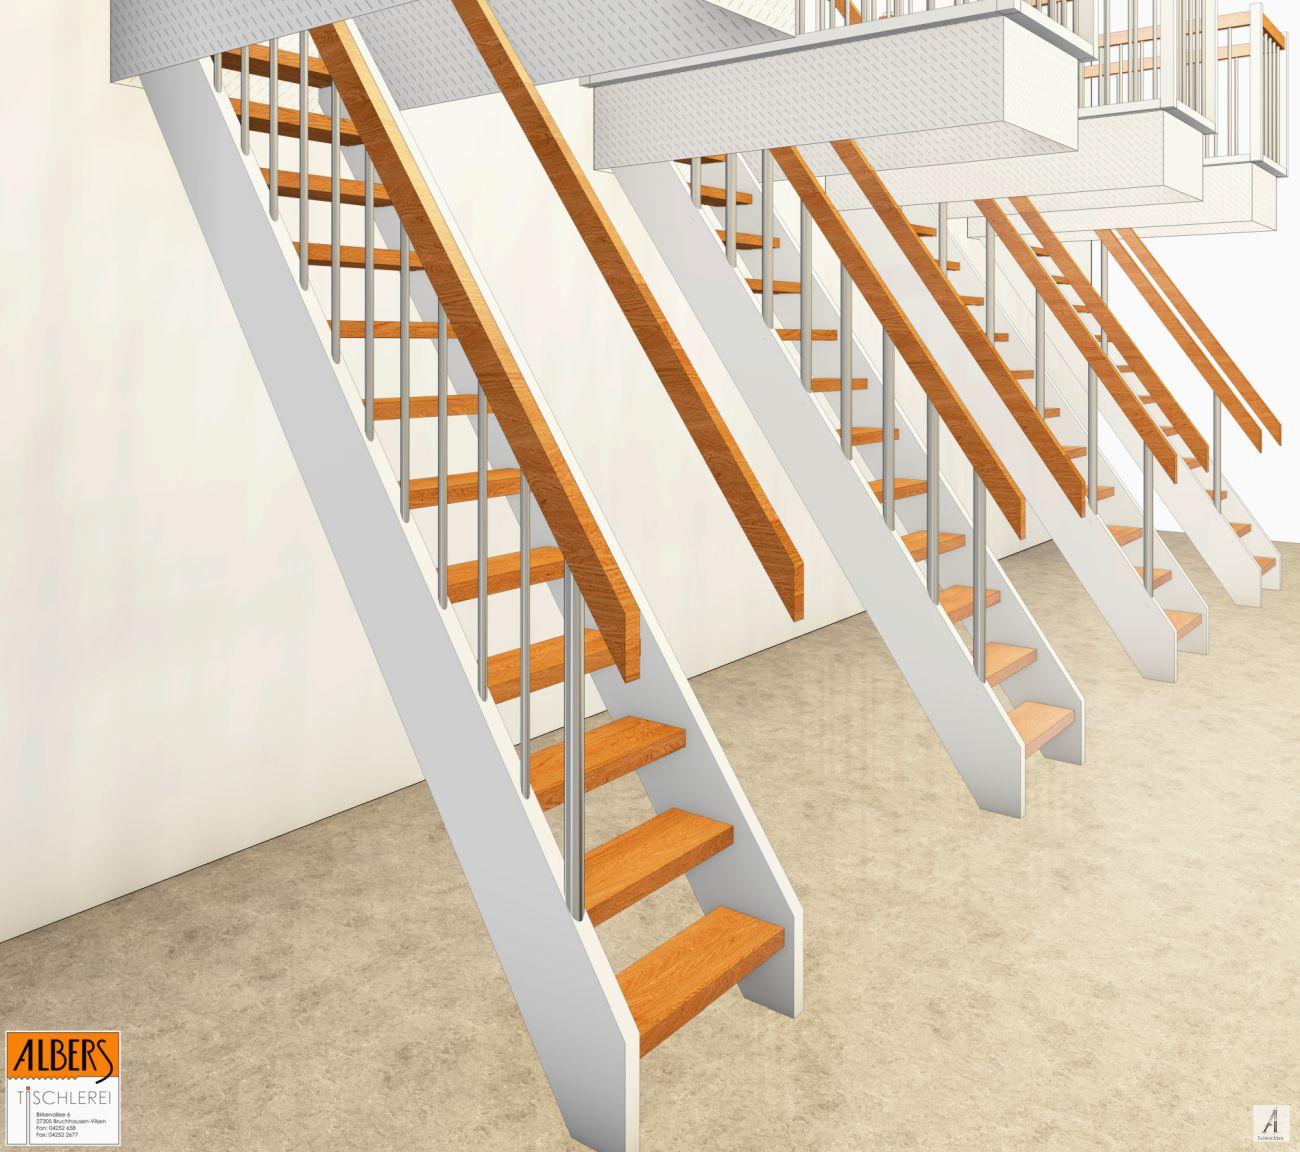 treppe zum dachboden 010 tischlerei albers. Black Bedroom Furniture Sets. Home Design Ideas